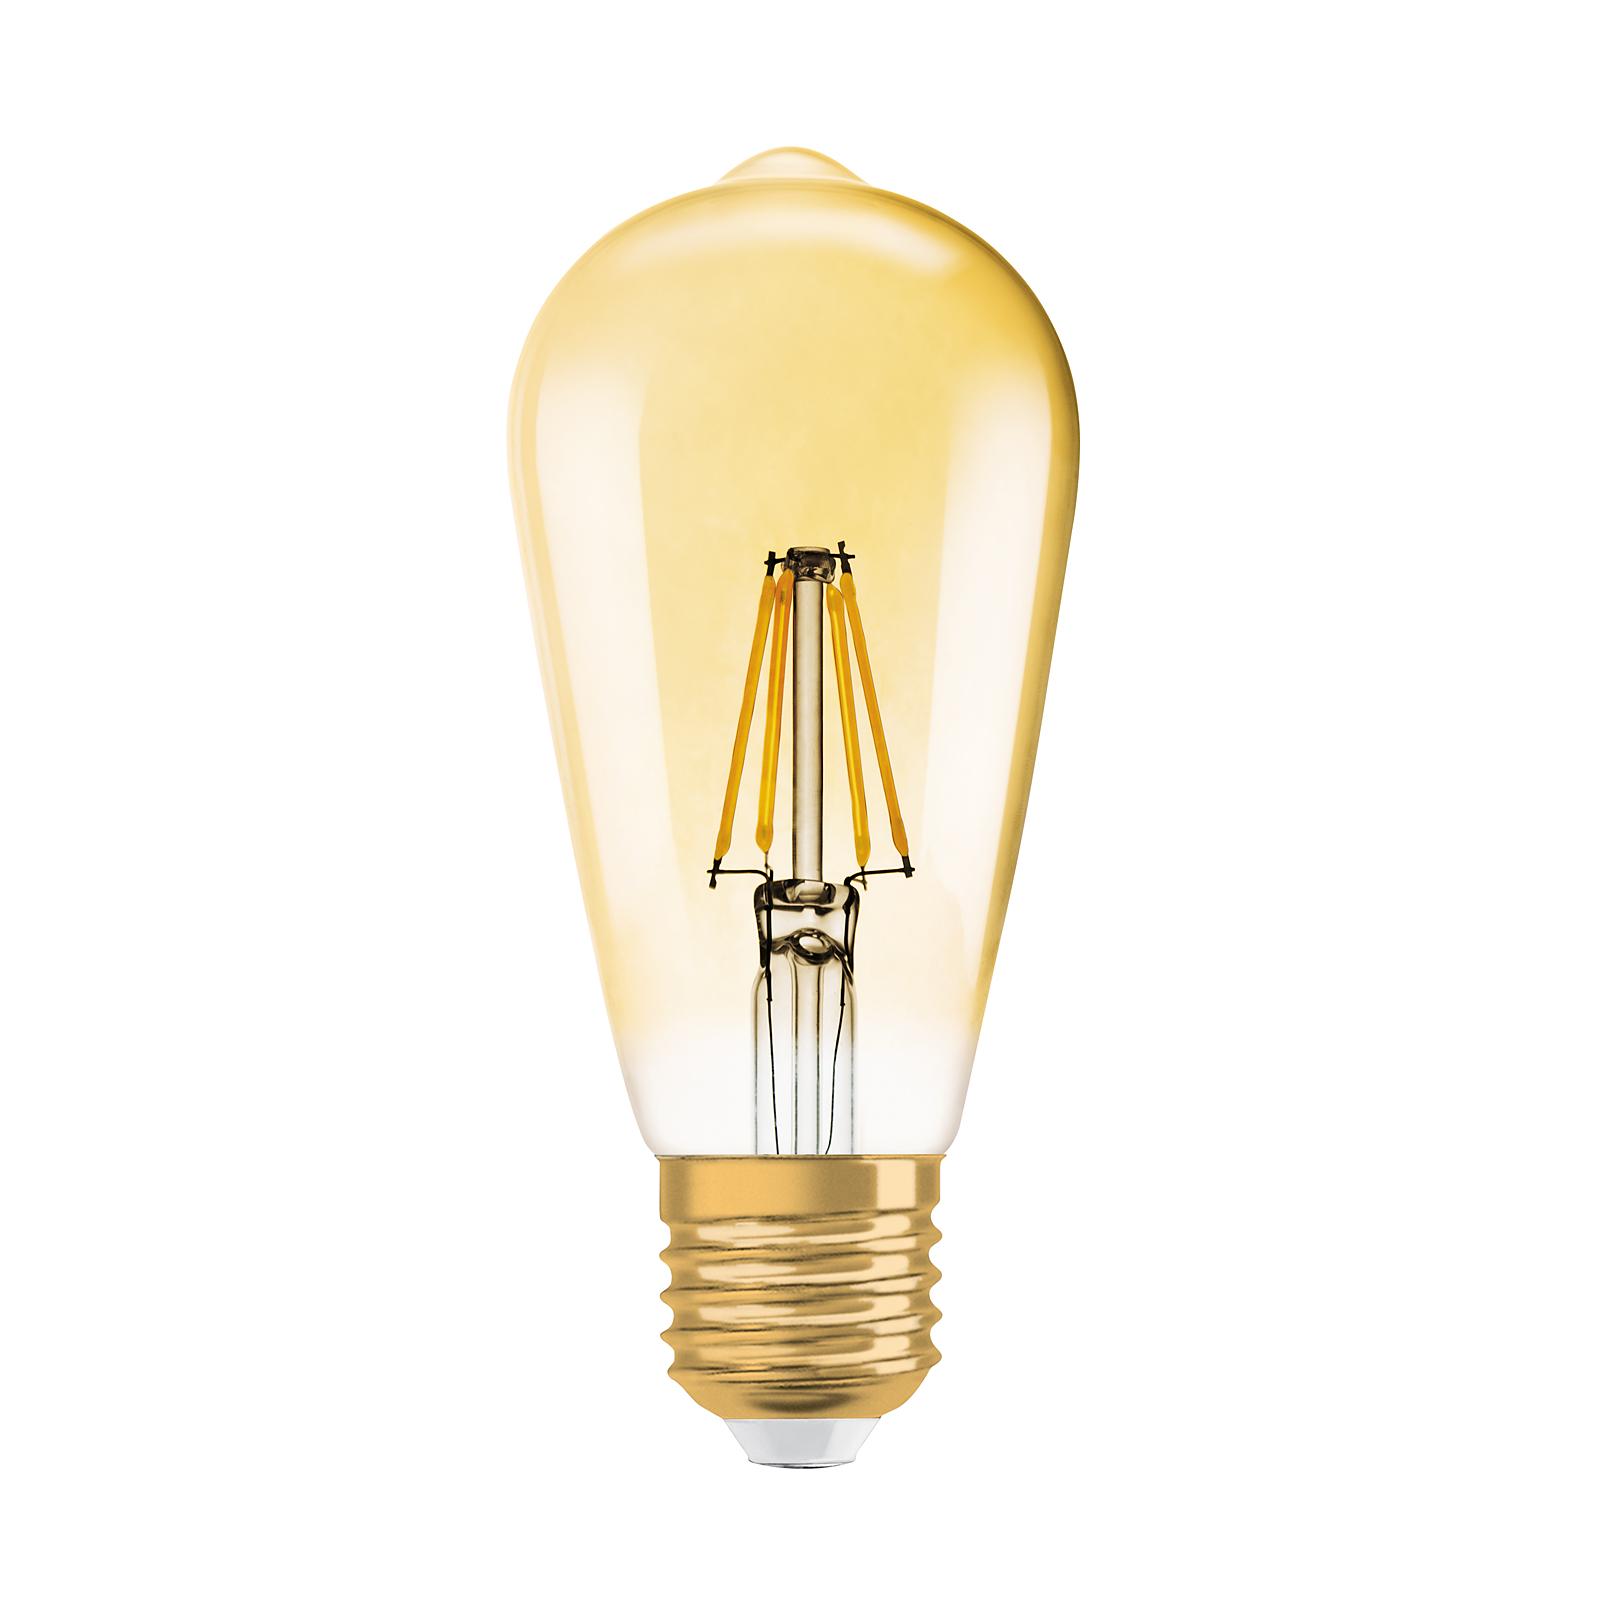 10952-OSRAM-LED-Vintage-Edition-1906-ST35-E27-4W-wie-35-Watt-470-Lumen-2400-Kelvin-1 Wunderschöne Led Leuchtmittel E27 1000 Lumen Dekorationen